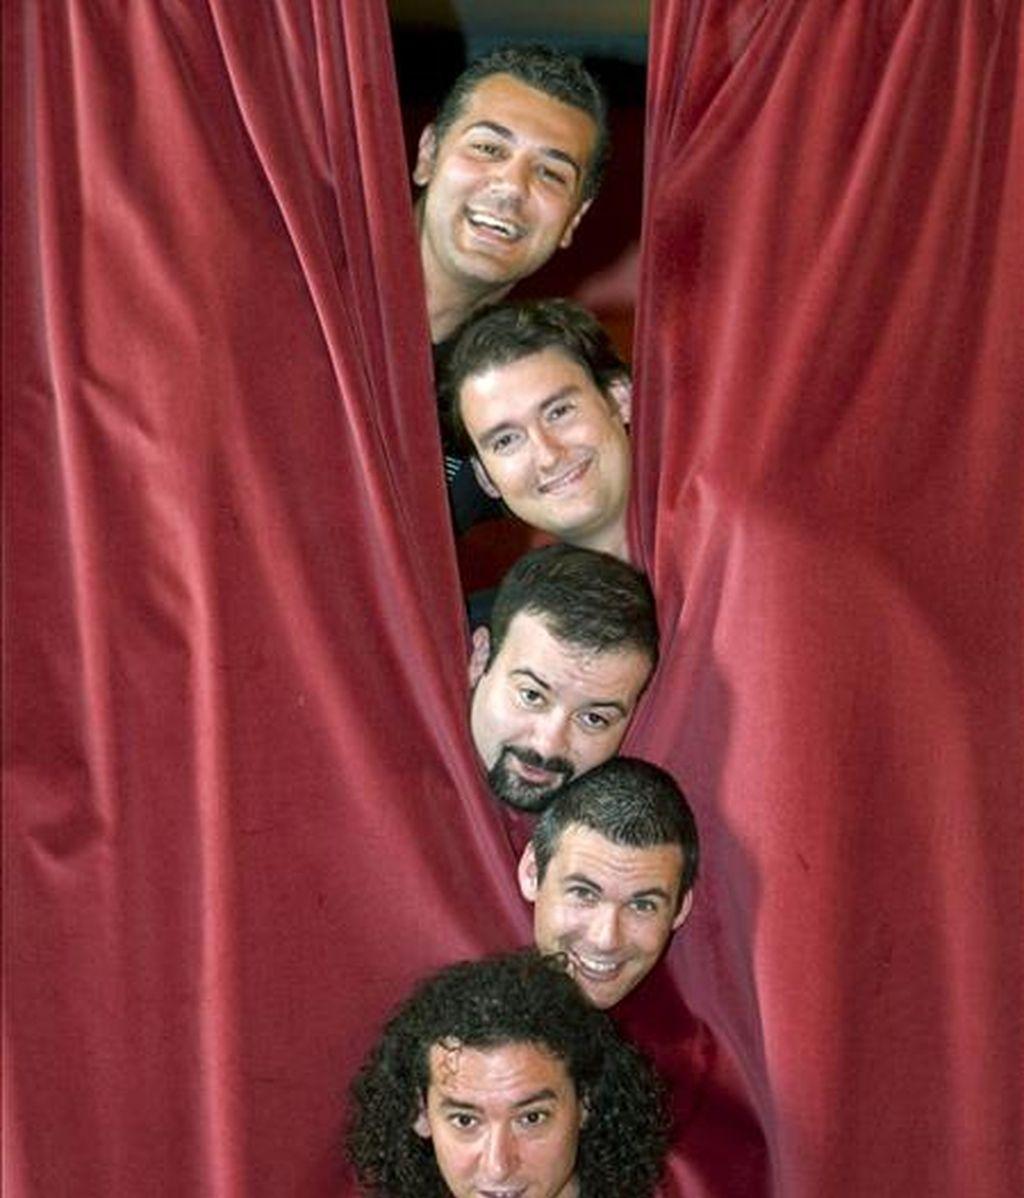 """Los componentes del grupo de canto """"a capella"""" B-Vocal tras la rueda de prensa de presentación de su último trabajo """"Vocalitessen"""", que se representará en el Teatro Principal de Zaragoza los días 20 y 21 de junio. EFE"""